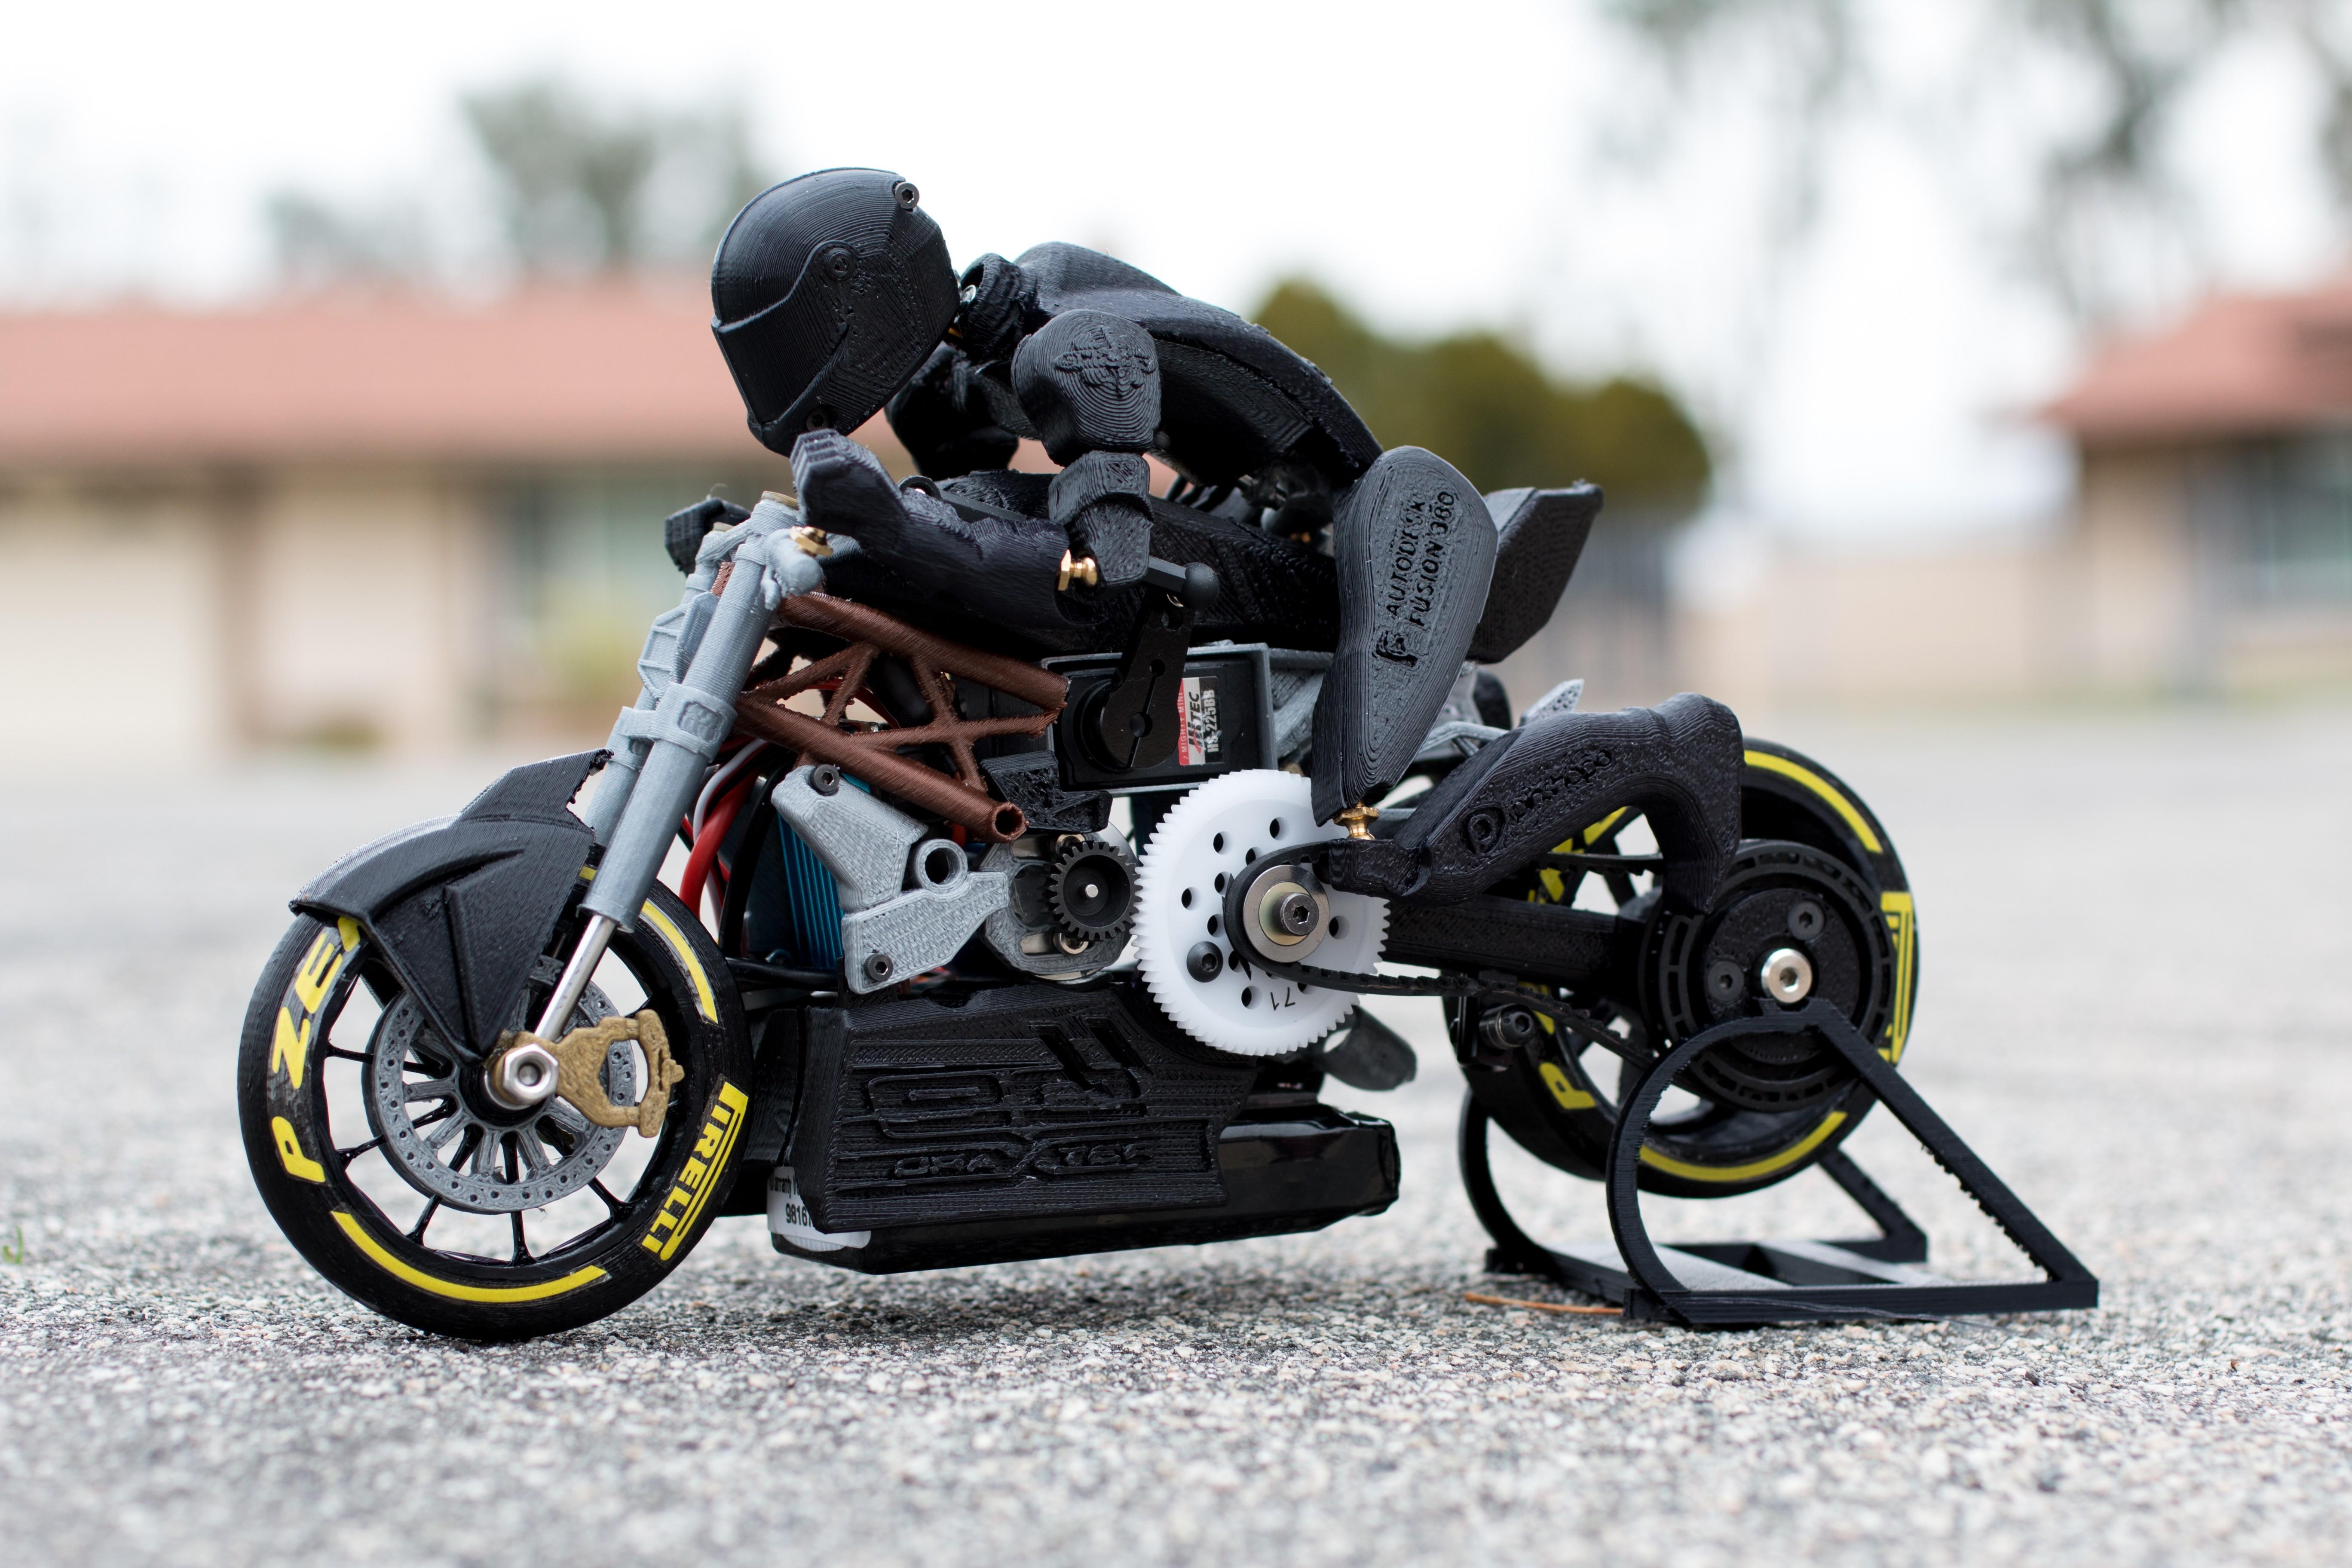 _MG_4488.jpg Télécharger fichier STL gratuit 2016 Ducati Draxter Concept Drag Bike RC • Design à imprimer en 3D, brett